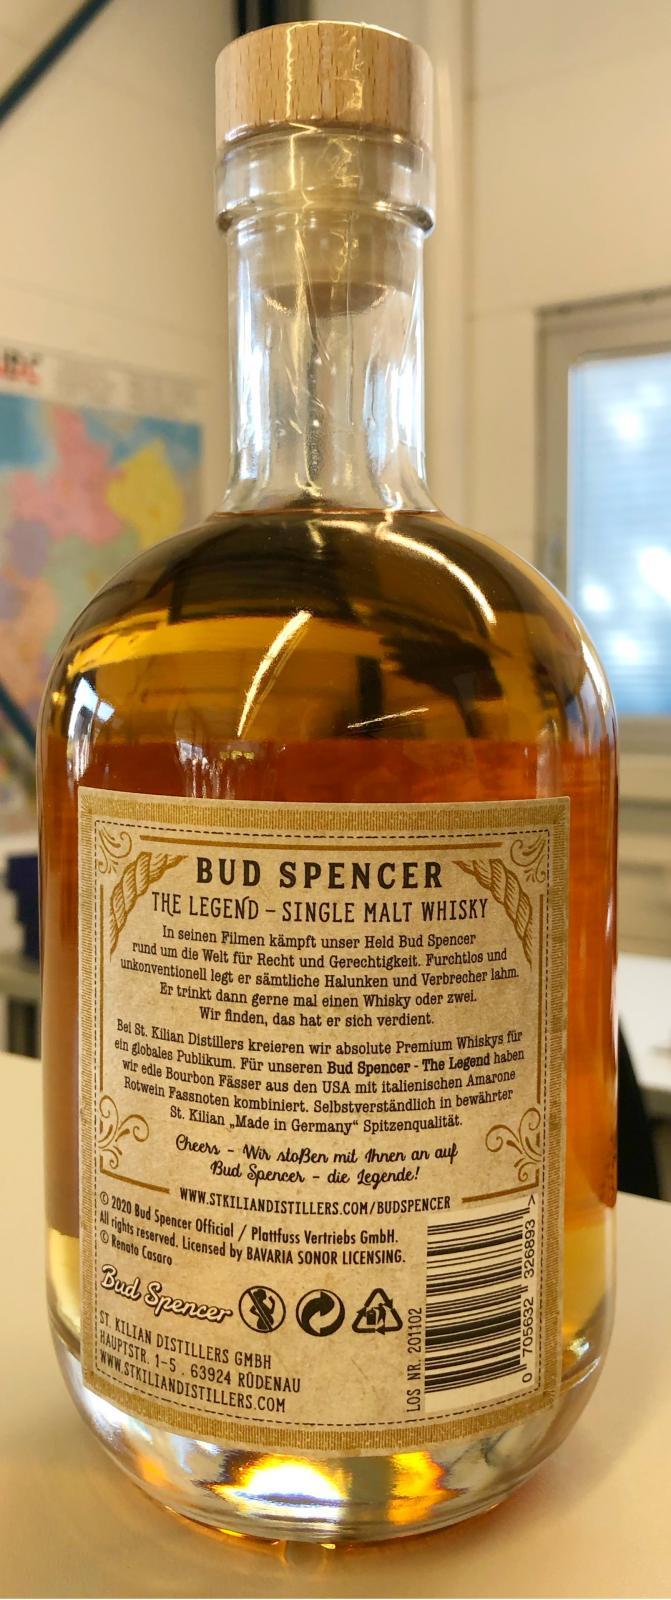 St. Kilian Bud Spencer - The Legend